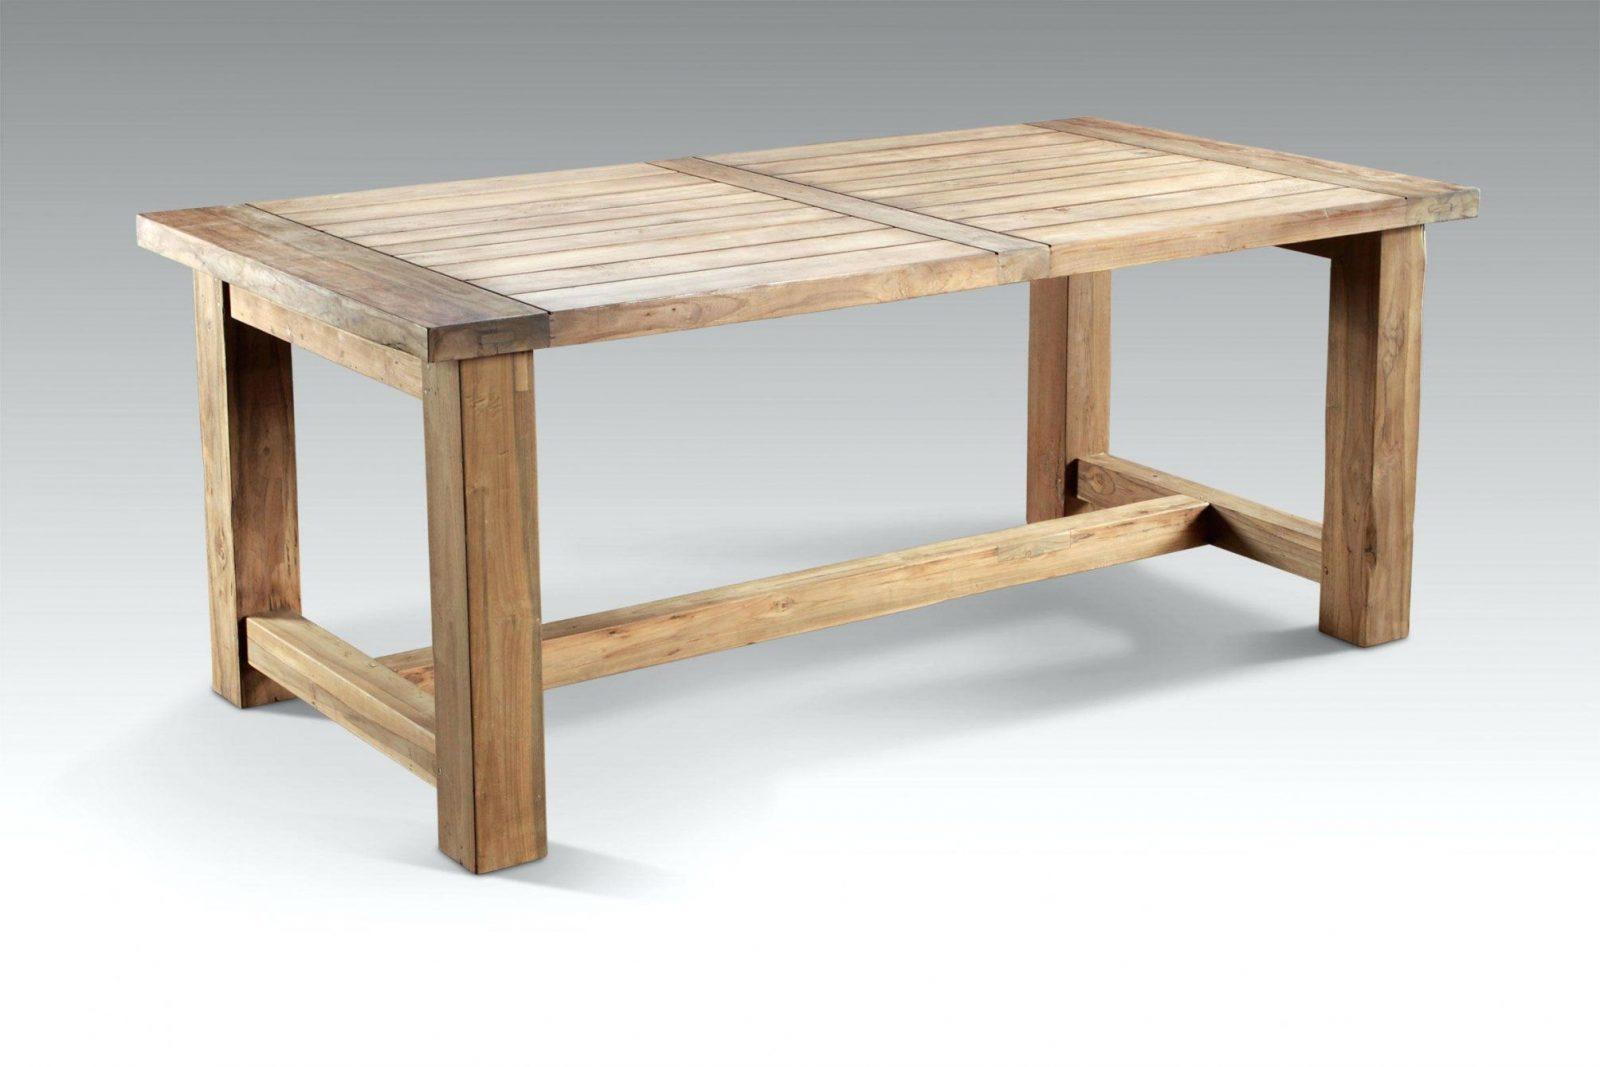 Gartentisch Selbst Bauen Holztisch Selber Nauhuricom Tischplatte von Esstisch Aus Paletten Bauanleitung Photo